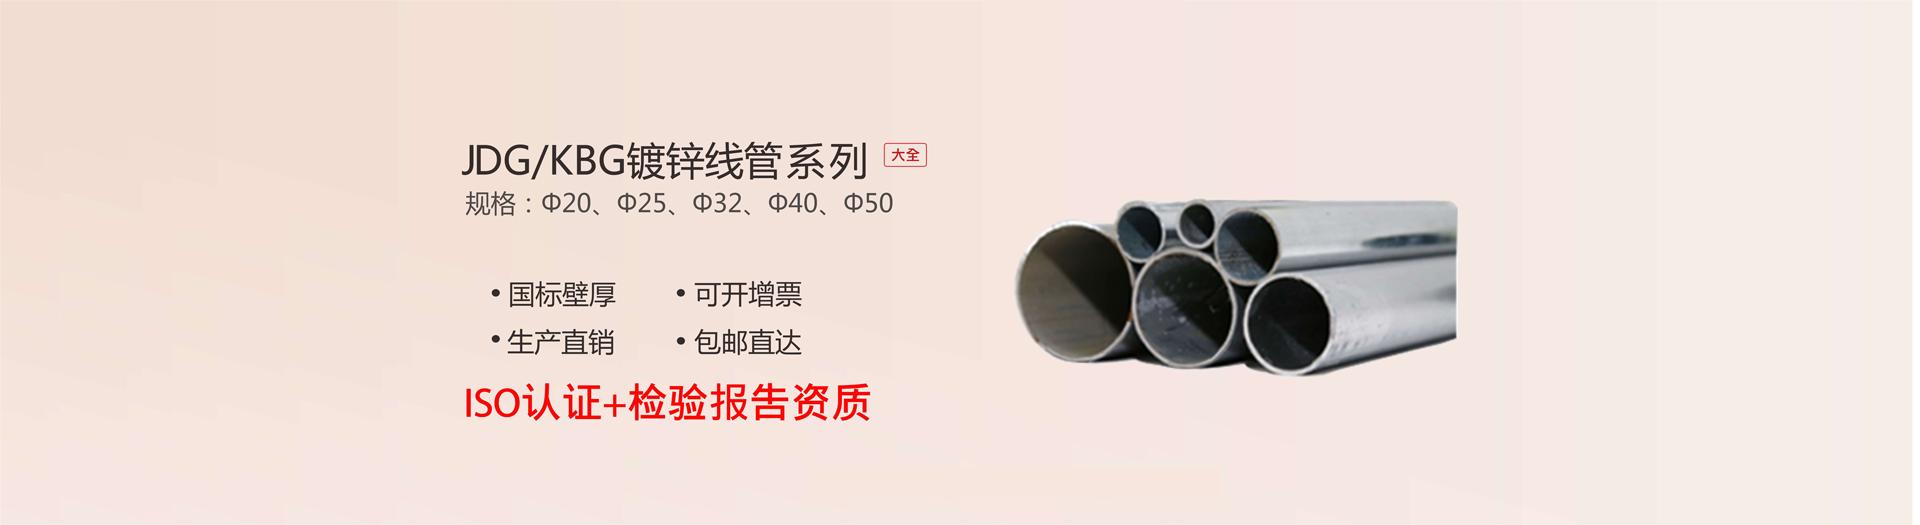 JDG/kbg镀锌线管系列